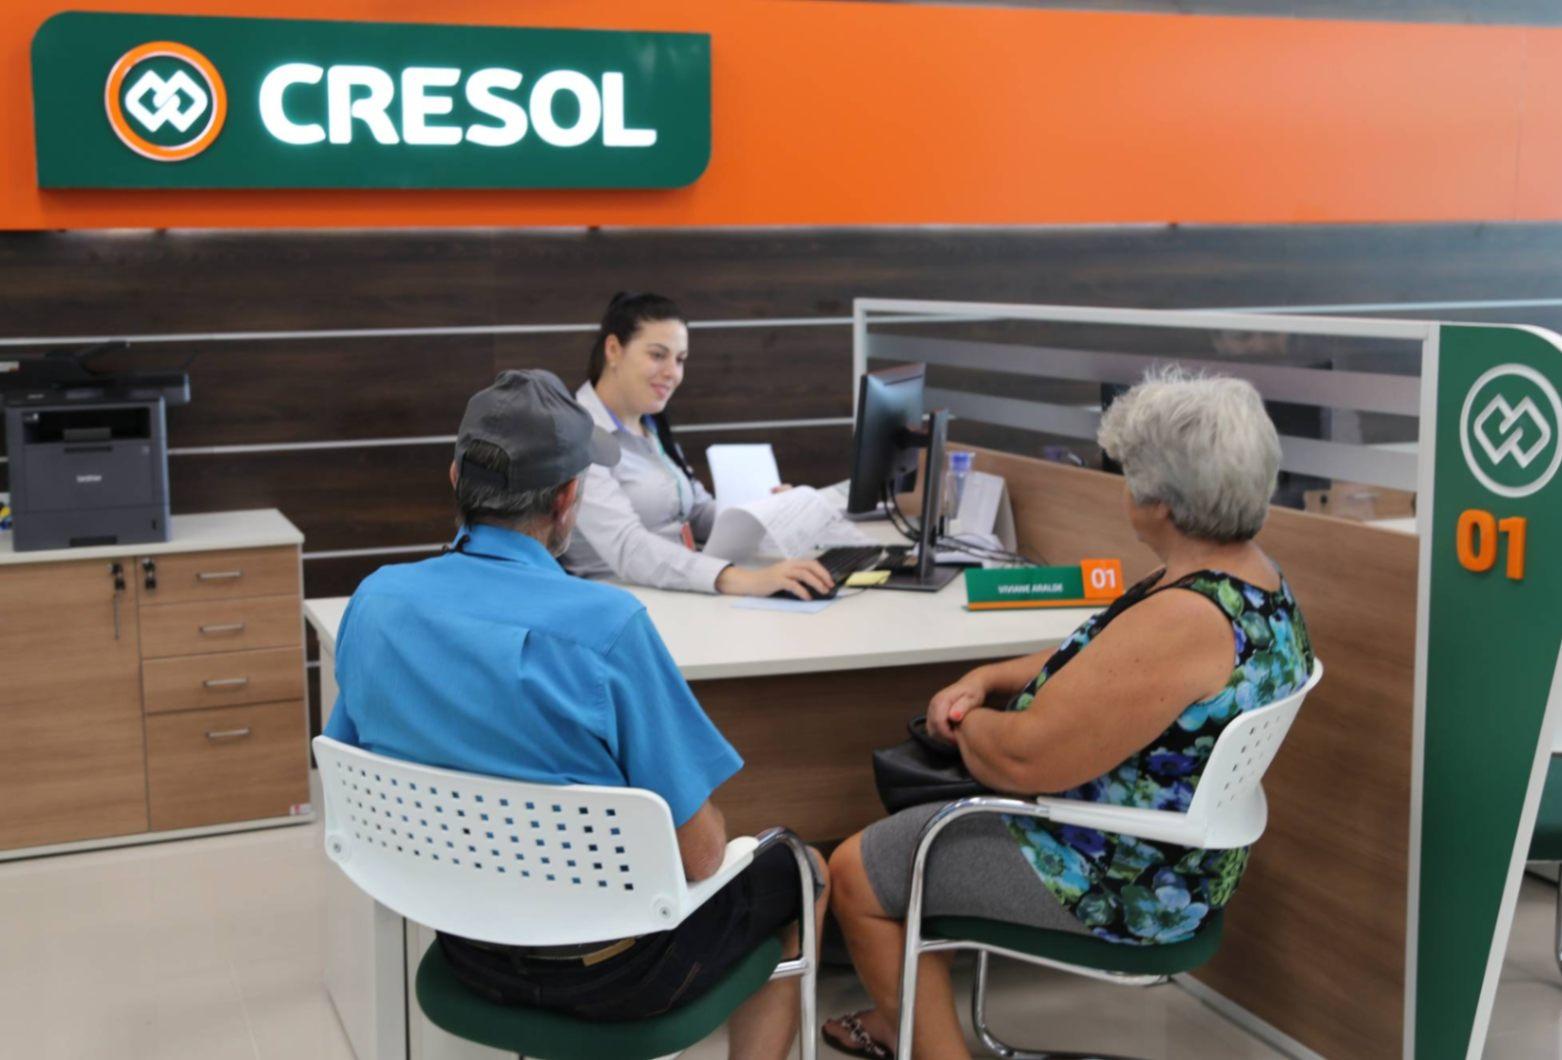 Saiba como ter um cartão crédito e débito Cresol